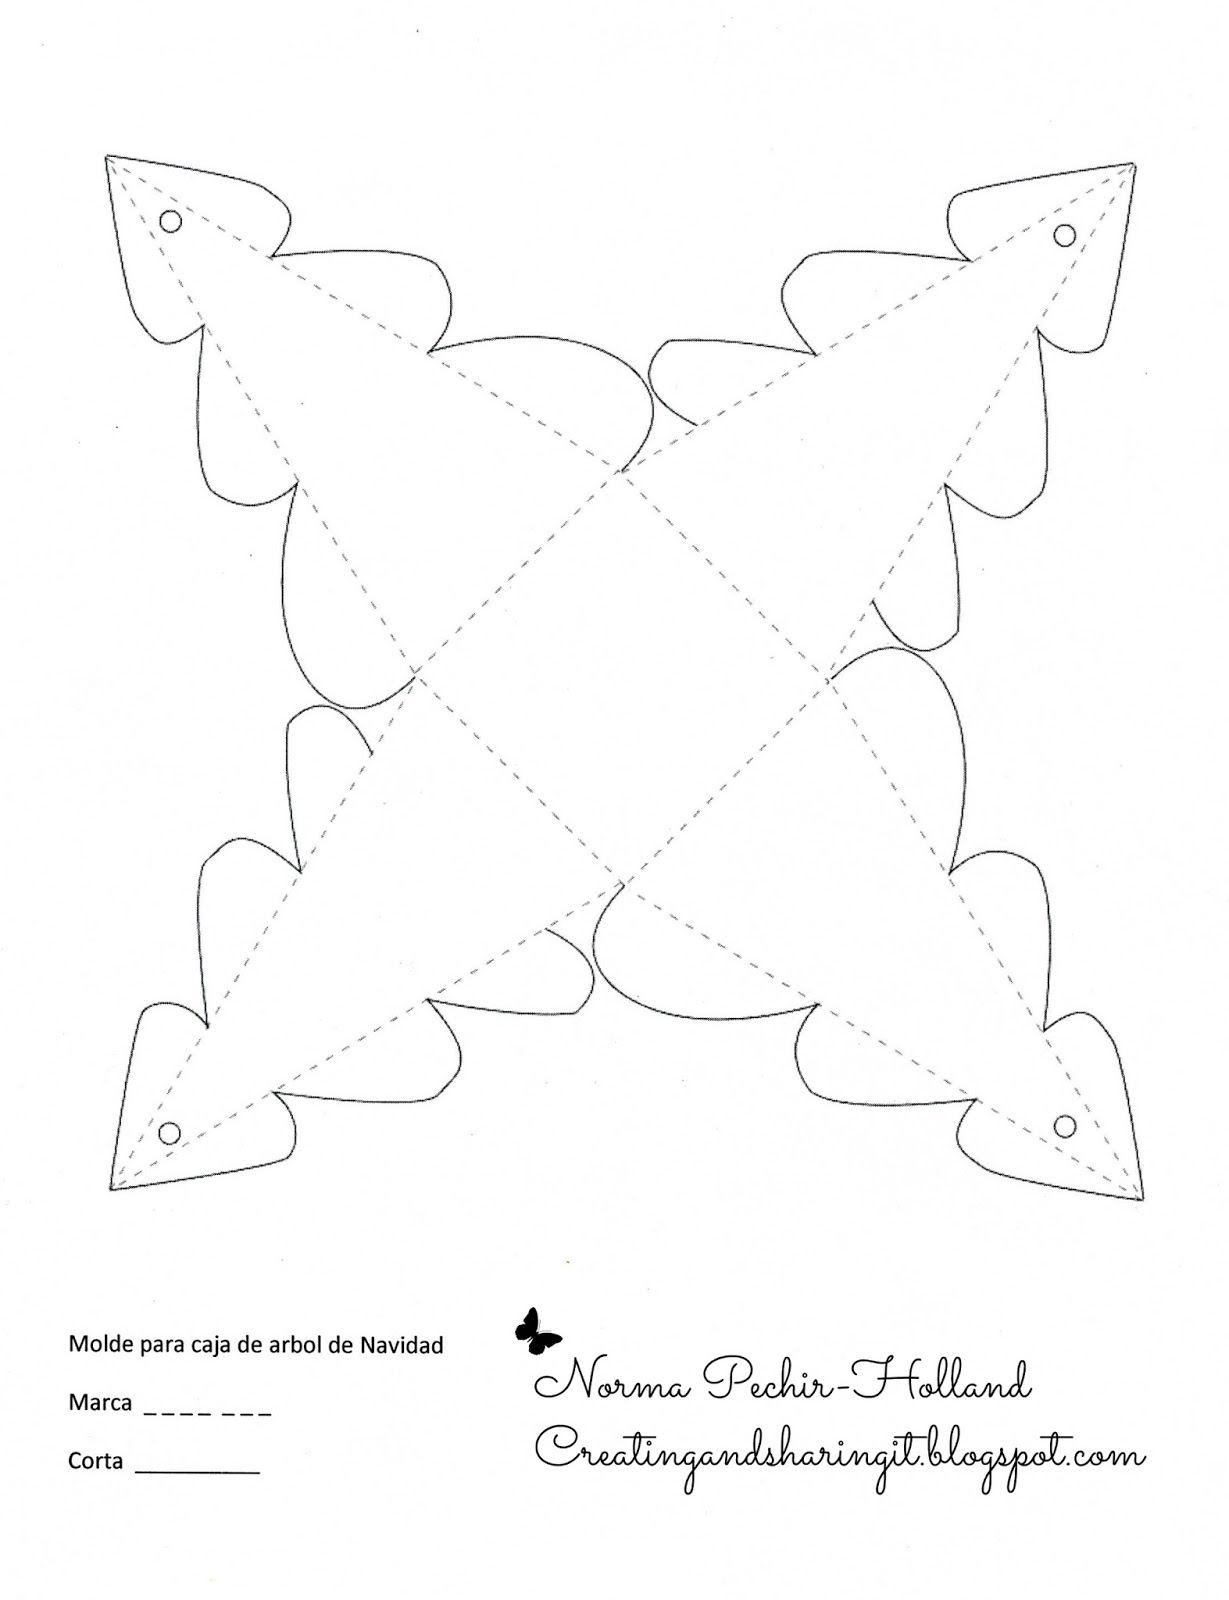 GARABLOG : Cajitas en forma de arbolito